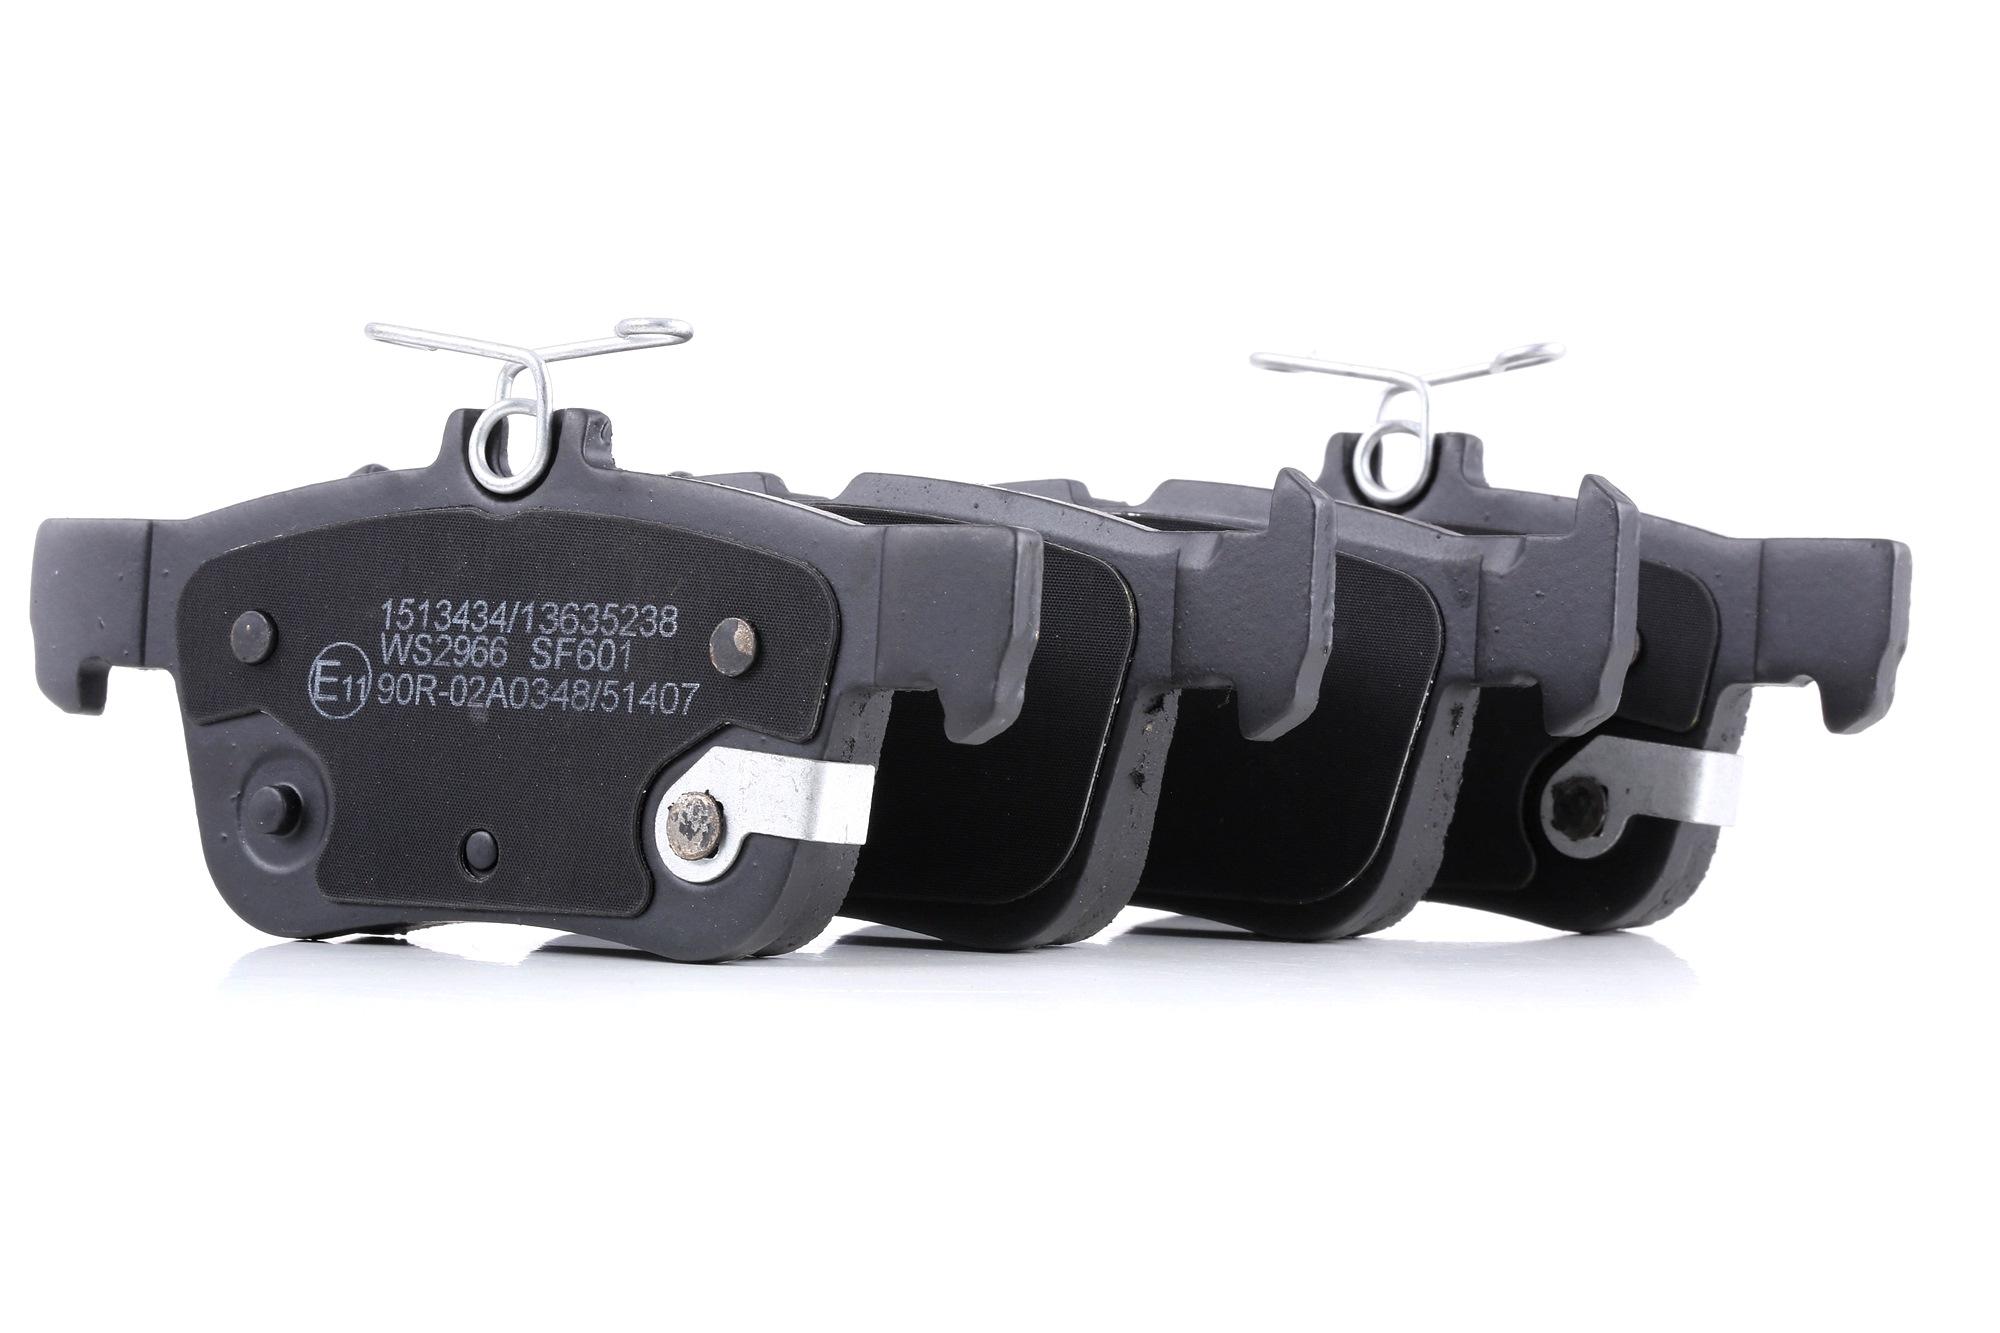 Bremsklötze FORD USA Crown Victoria II (EN114) hinten + vorne 2012 - RIDEX 402B1083 (Höhe 1: 48,7mm, Höhe 2: 53,5mm, Breite 1: 123,2mm, Breite 2: 123,2mm, Dicke/Stärke 1: 15,7mm, Dicke/Stärke 2: 15,7mm)